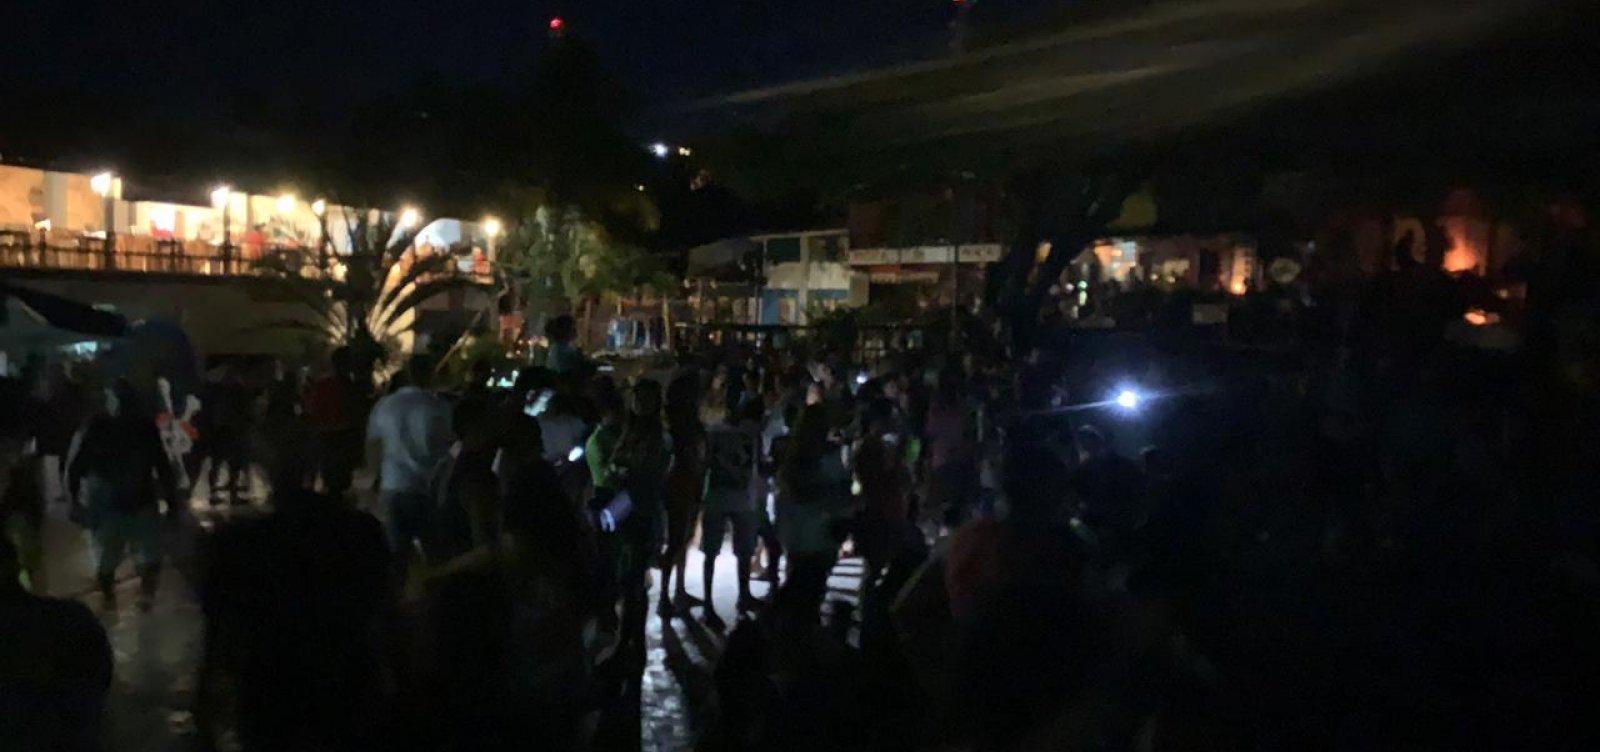 Sem energia em Morro, turistas estão deixando pousada sem pagar diárias